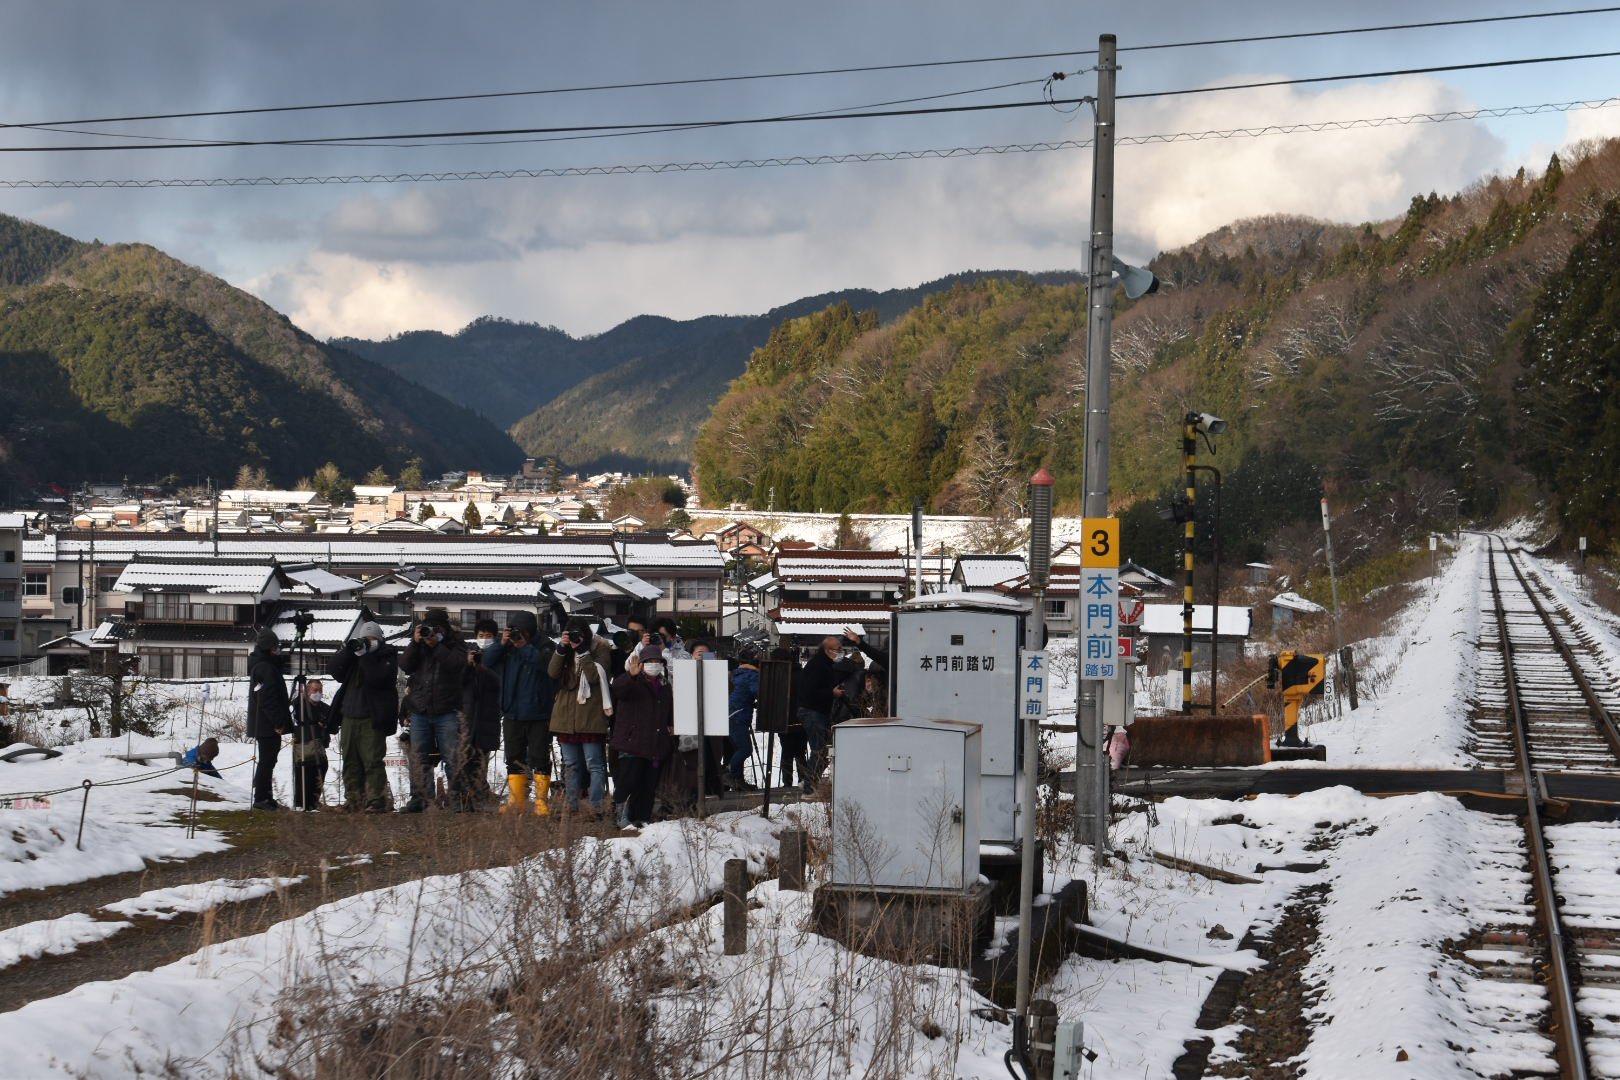 【津和野稲成号】津和野町の撮り鉄対策はウソだった 三脚黙認 人数は15人程度 明日は荒れるかも?